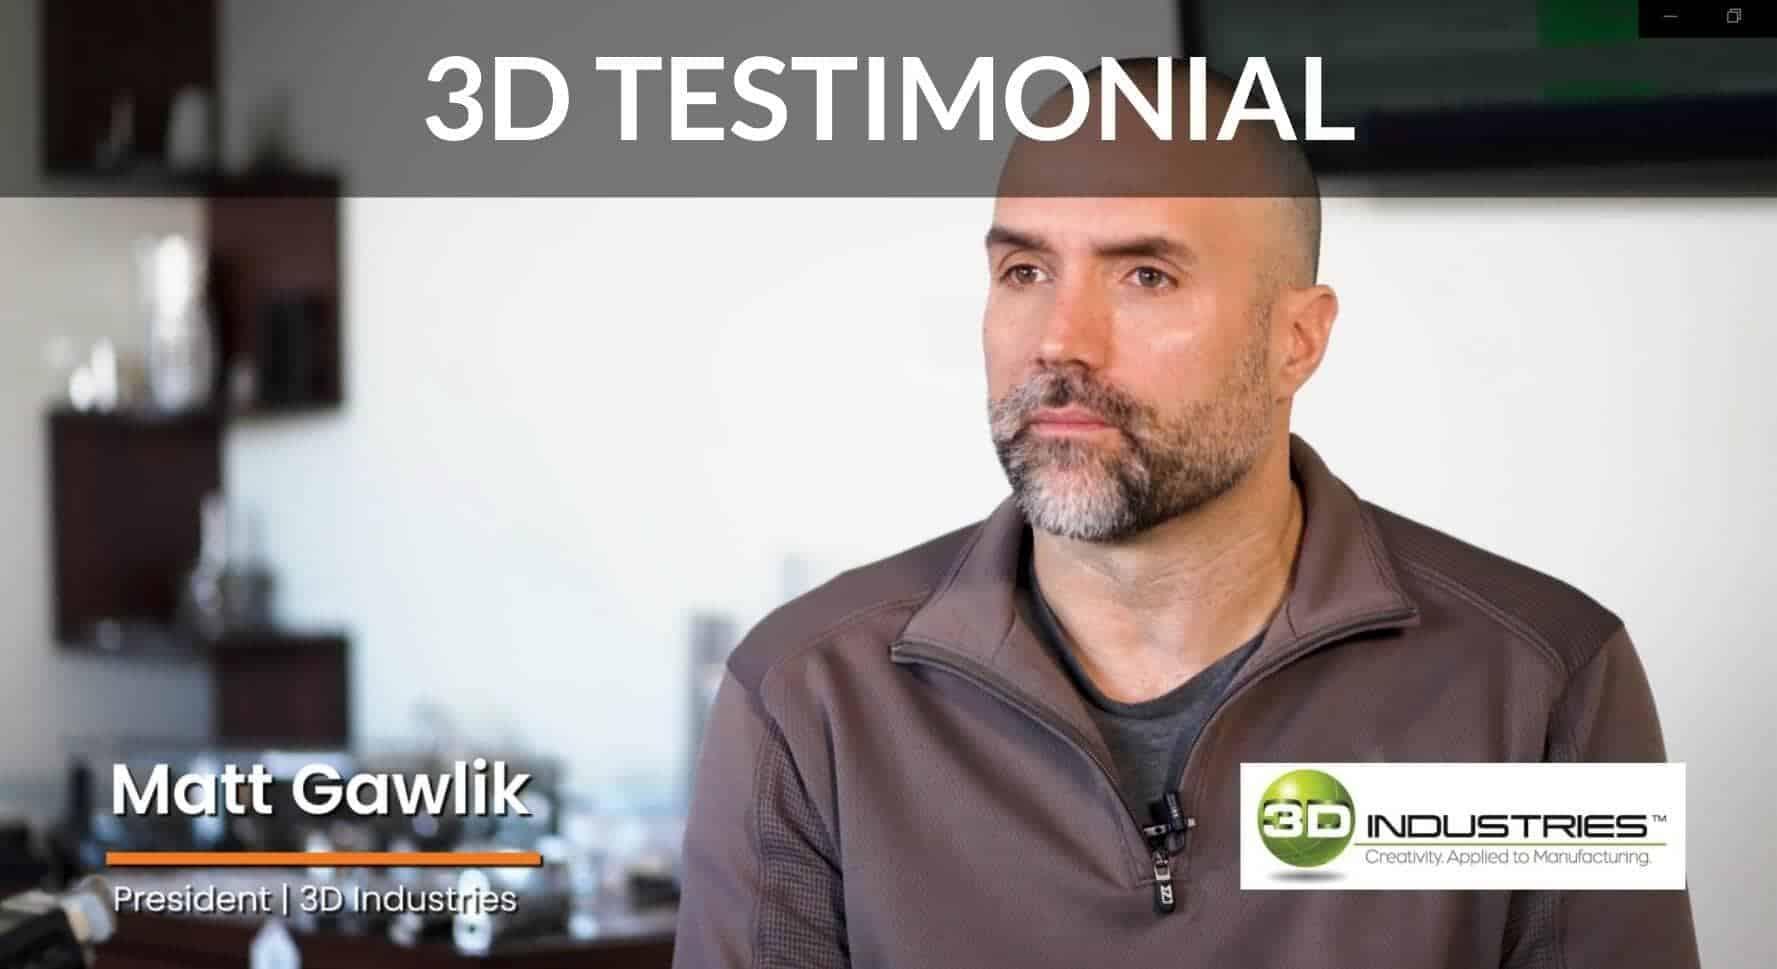 3D Testimonial